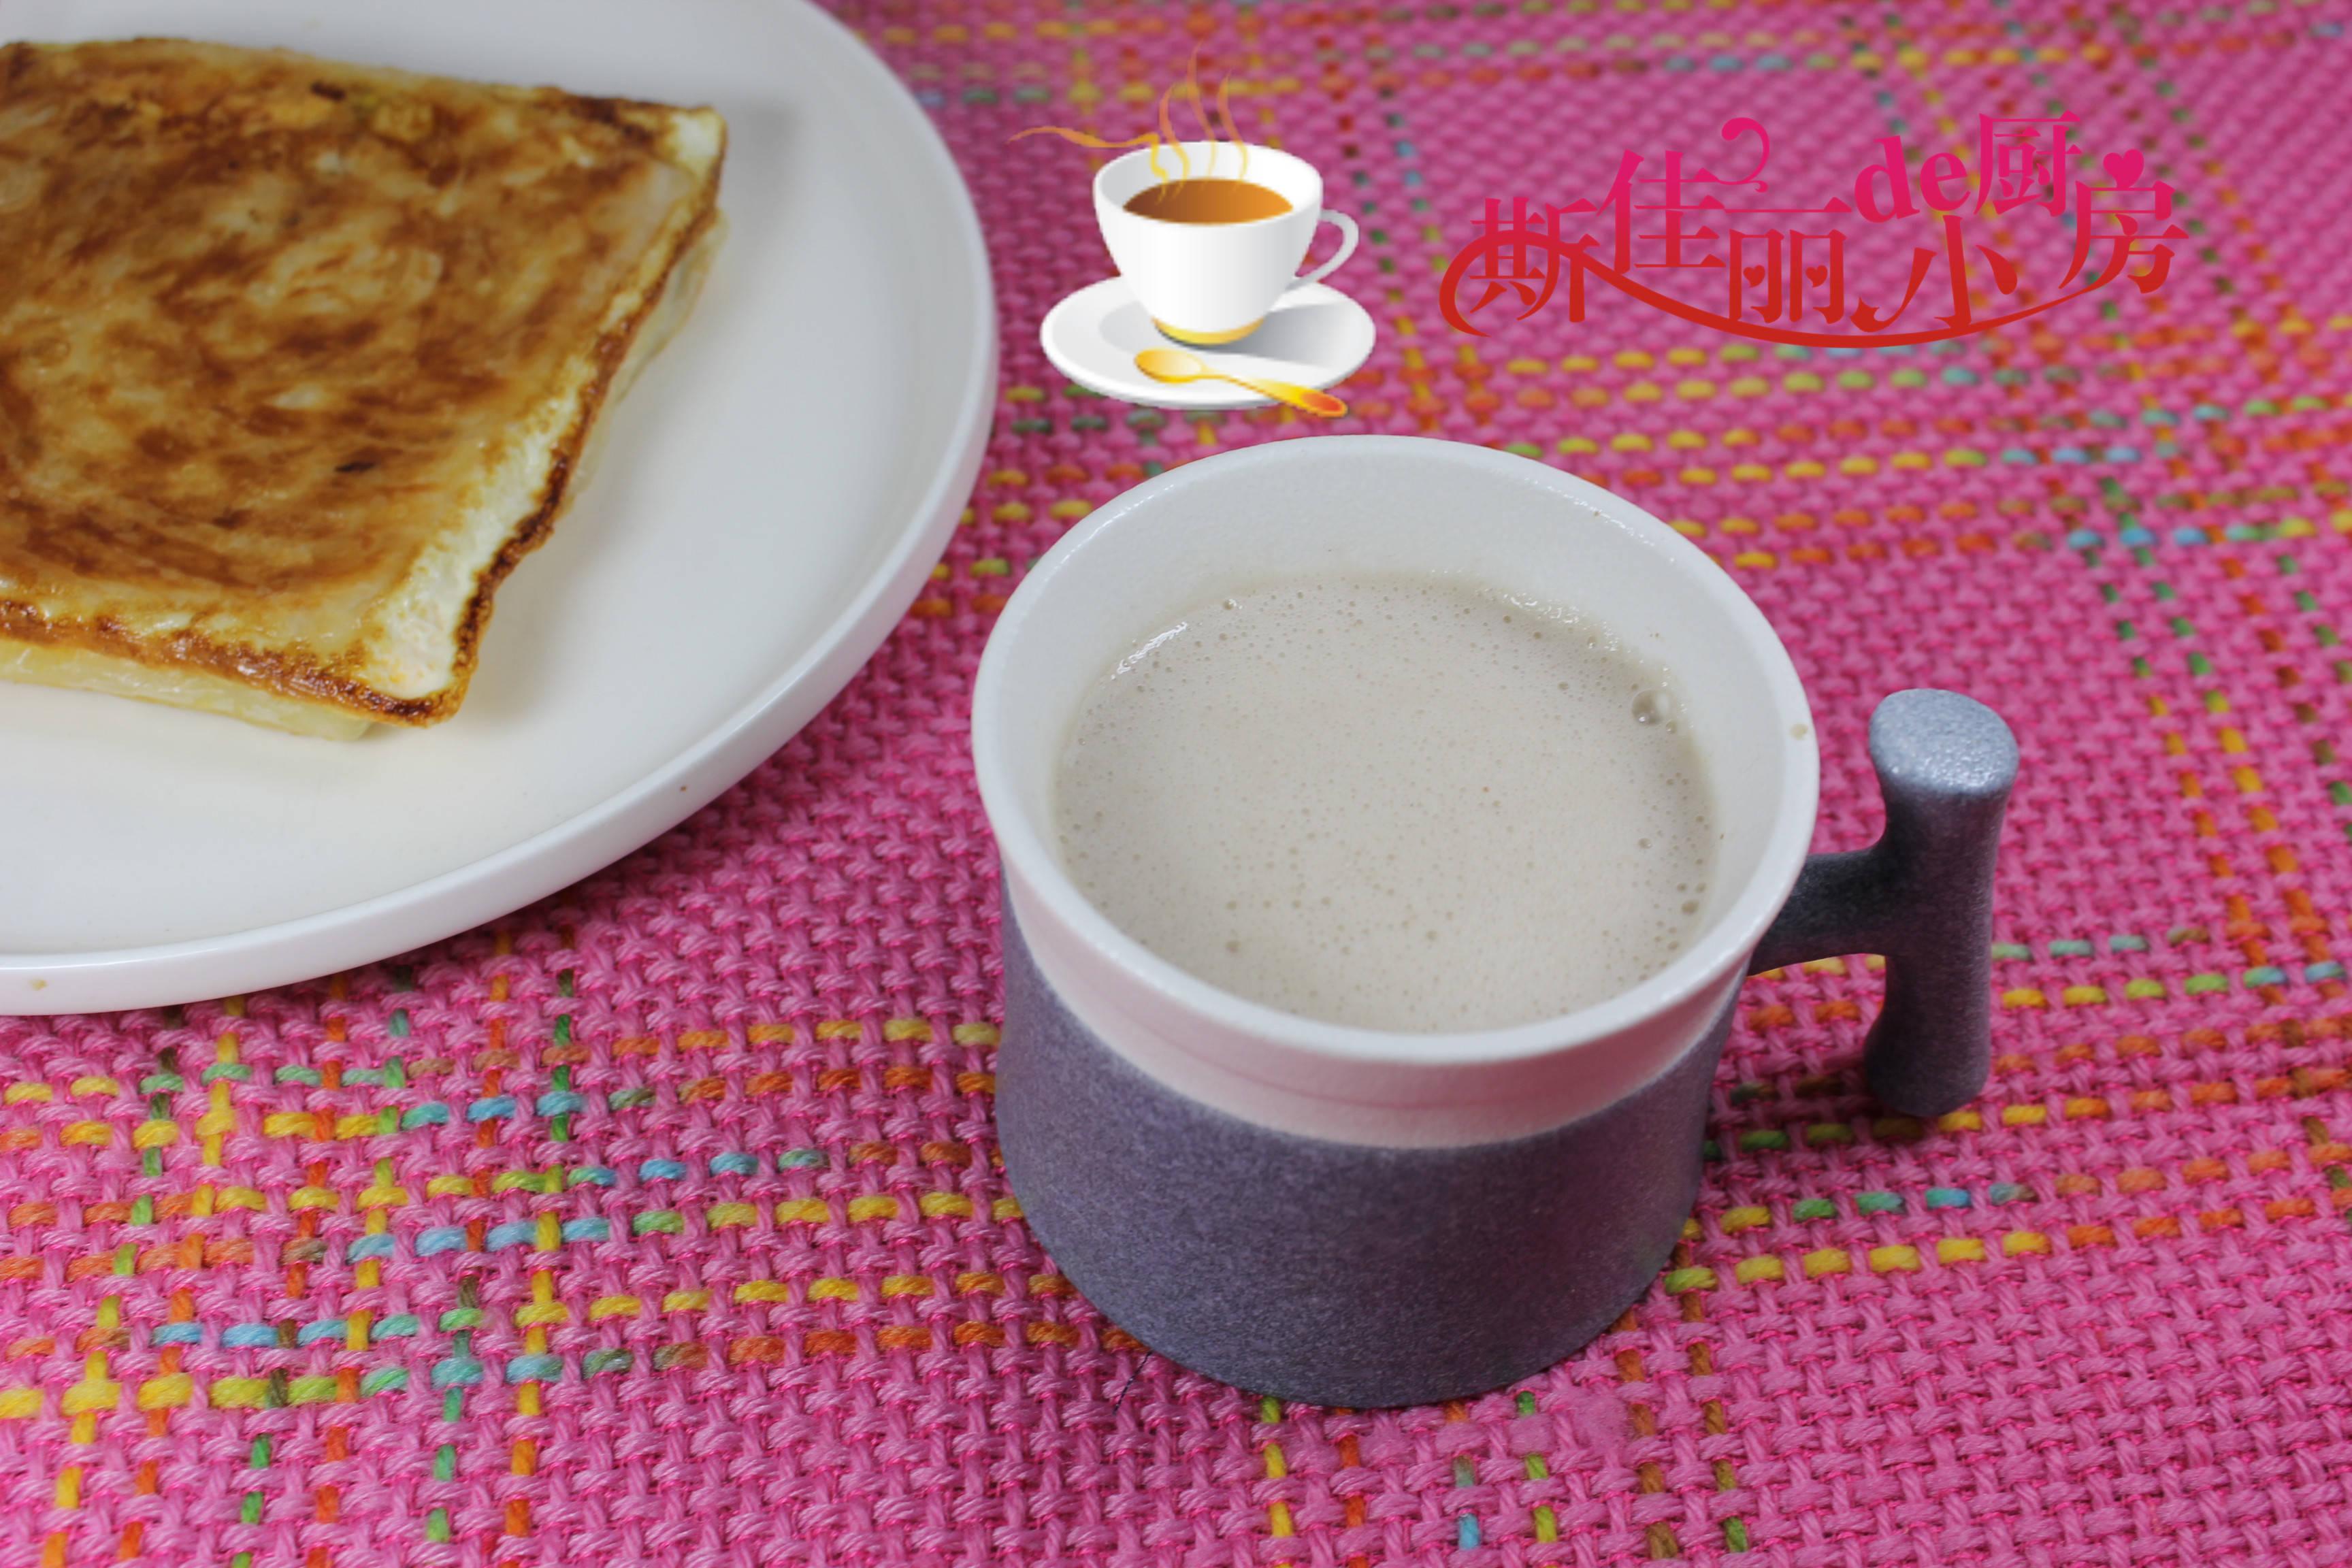 燕麦和它们一起煮,女人早餐每天喝一杯,排毒燃脂助你瘦出小蛮腰